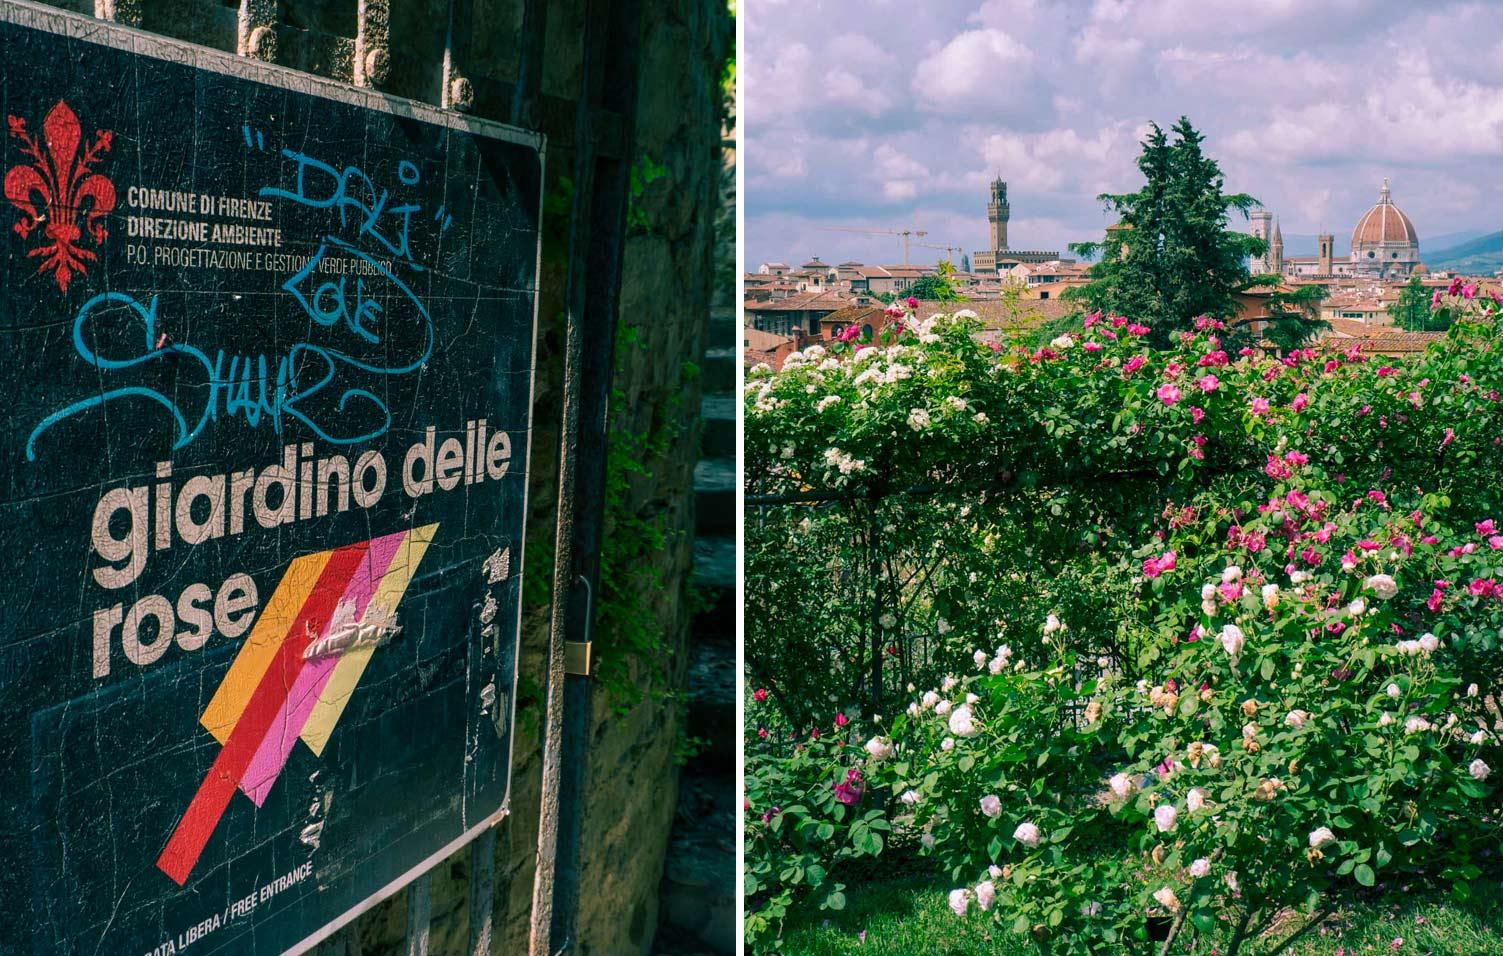 Giardino delle rose, Florens